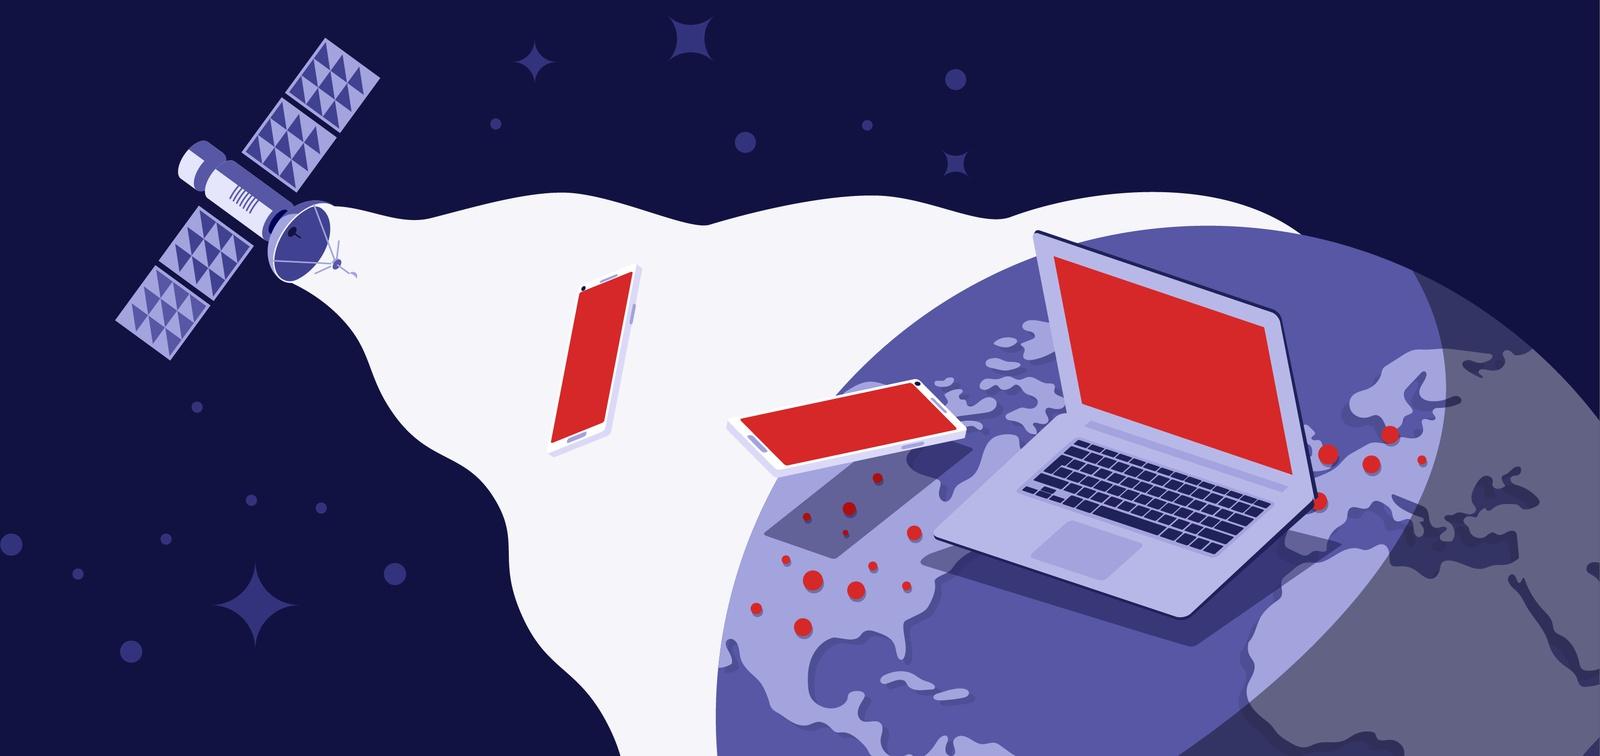 Satellite internet: digital divide solution or 'science experiment'?